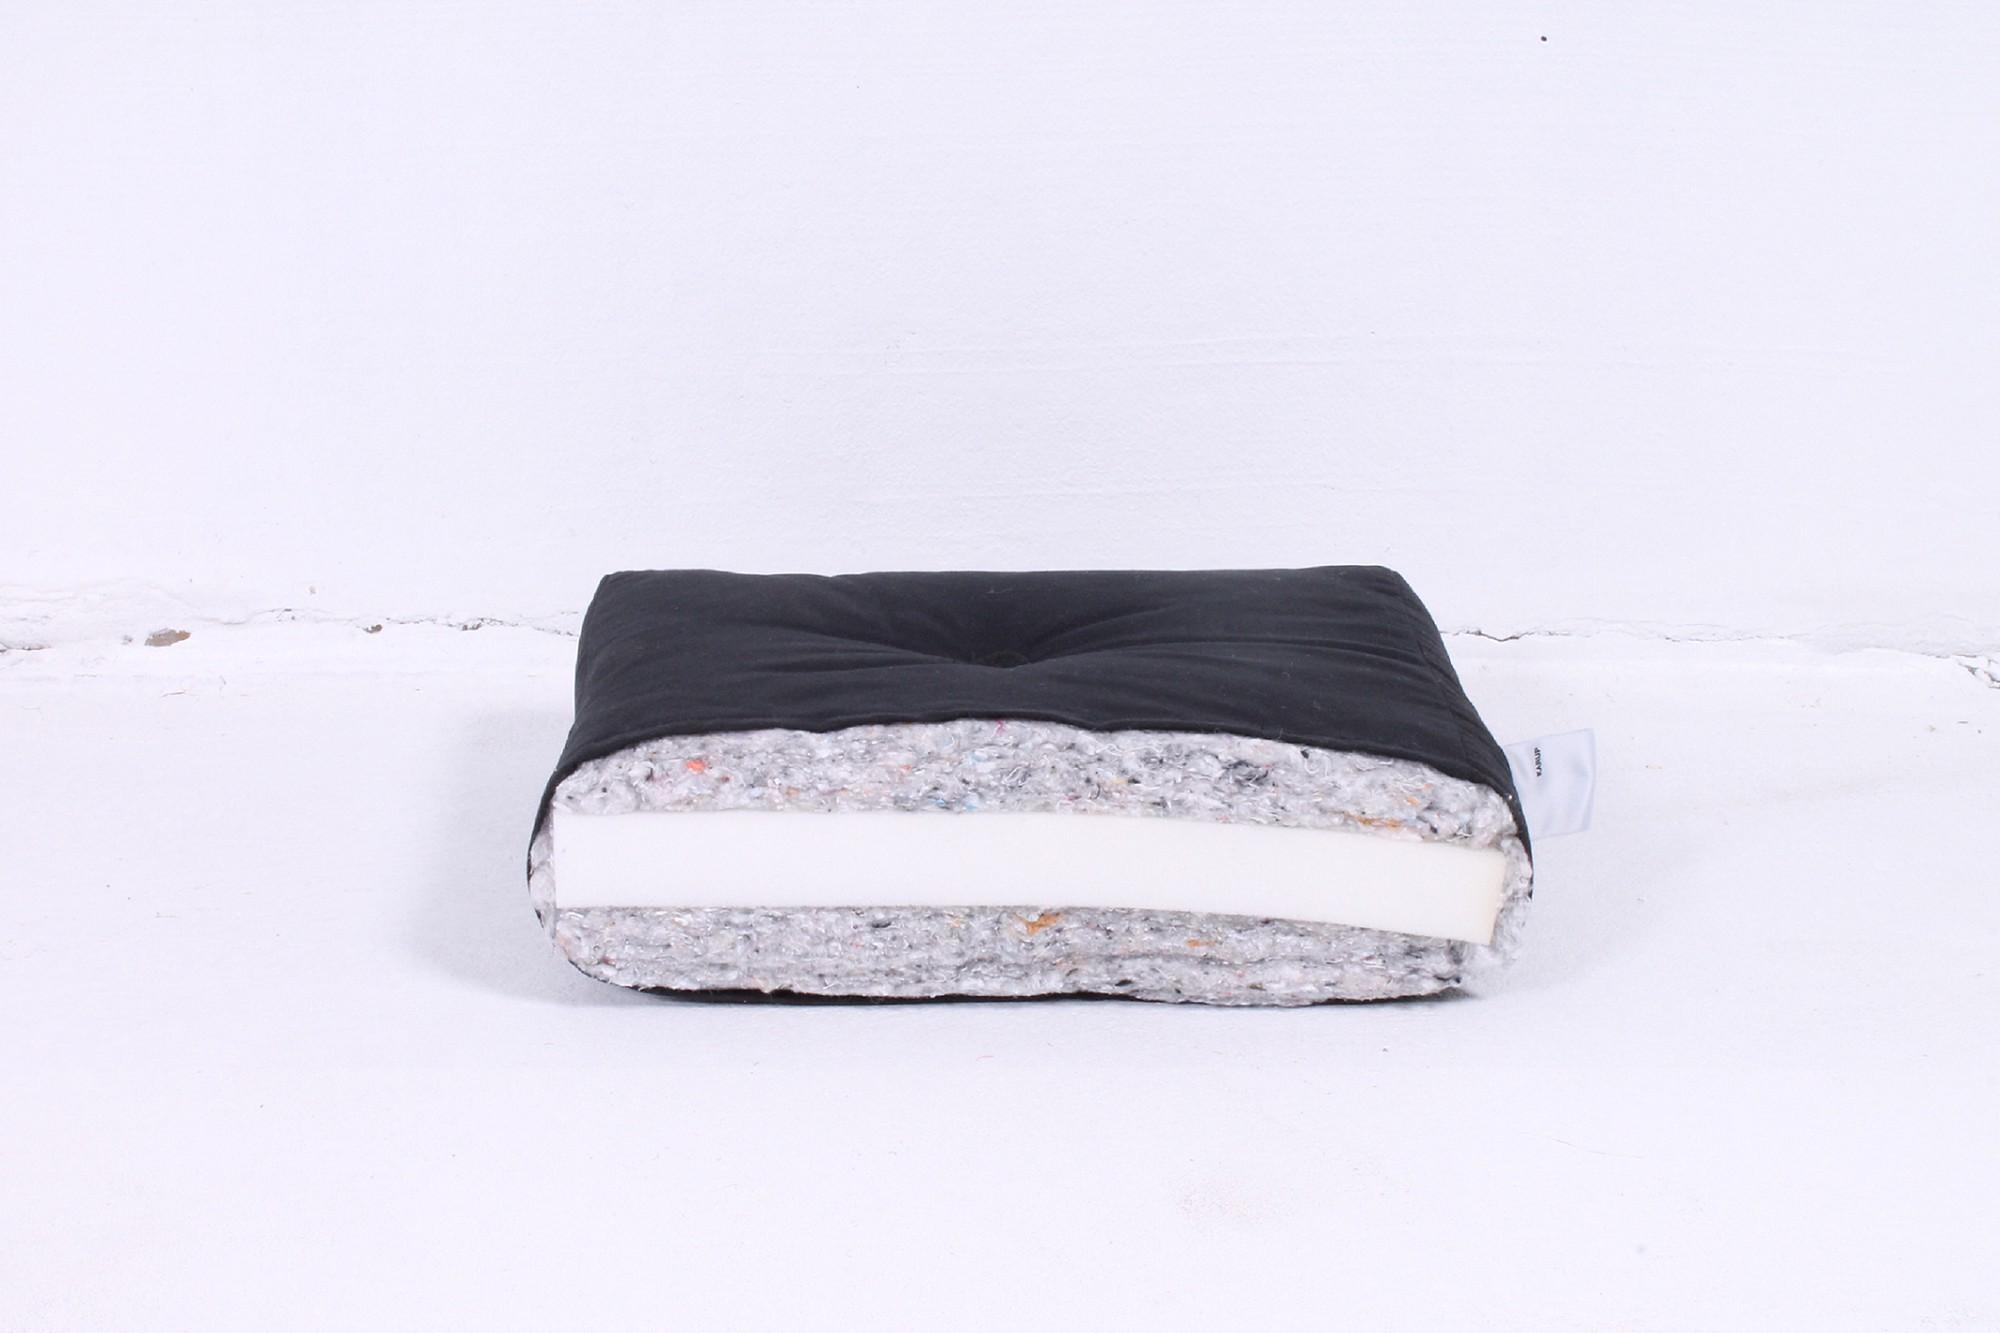 Futonmatratze Basic Futon – Schaum/Wolle – Schwarz – Liegefläche: 200 x 160 cm, Karup jetzt bestellen